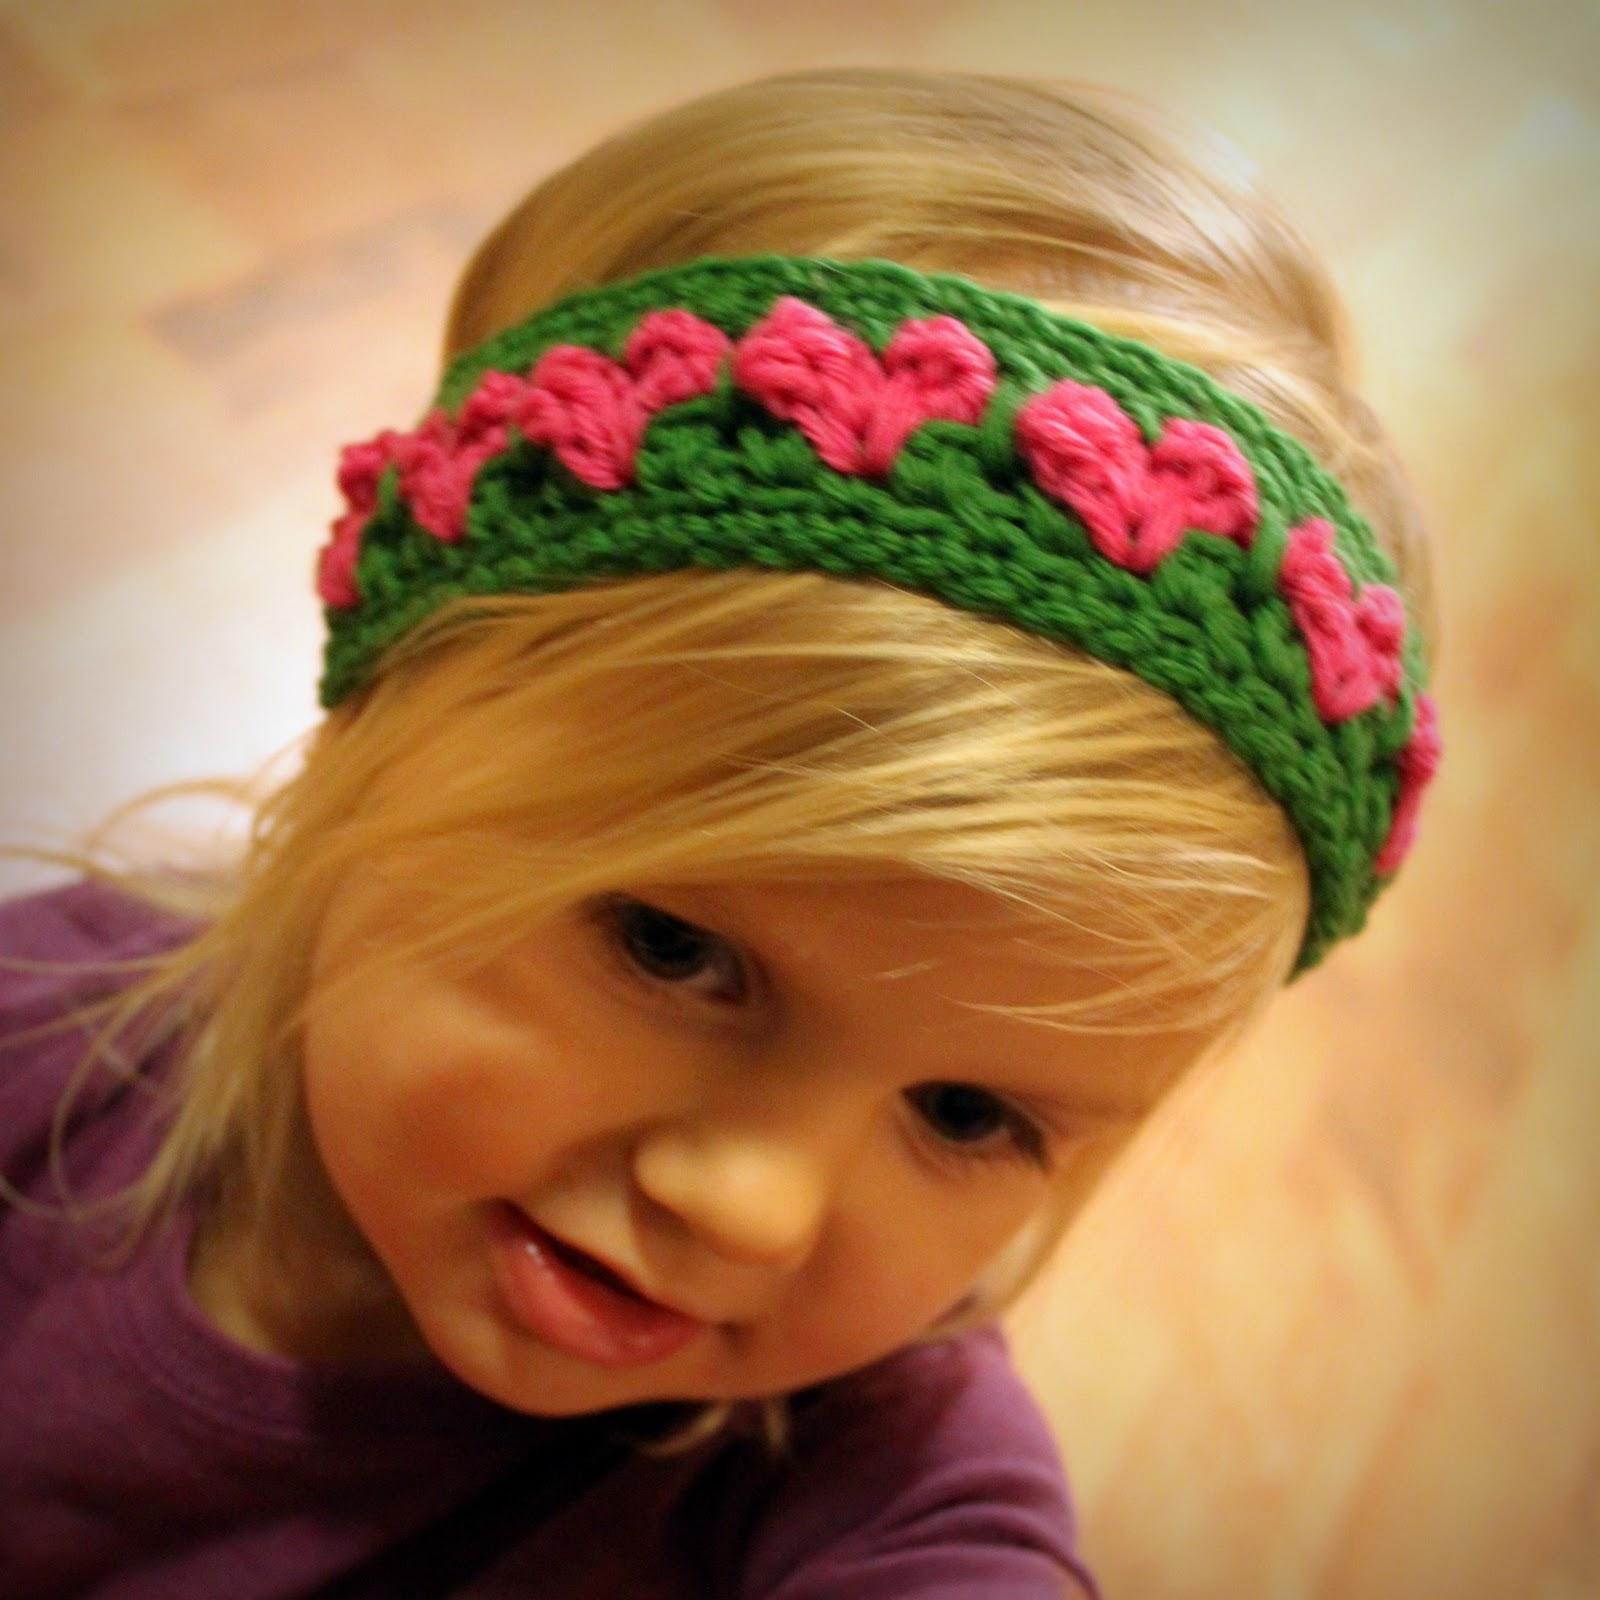 Вязание ободка на голову для девочки